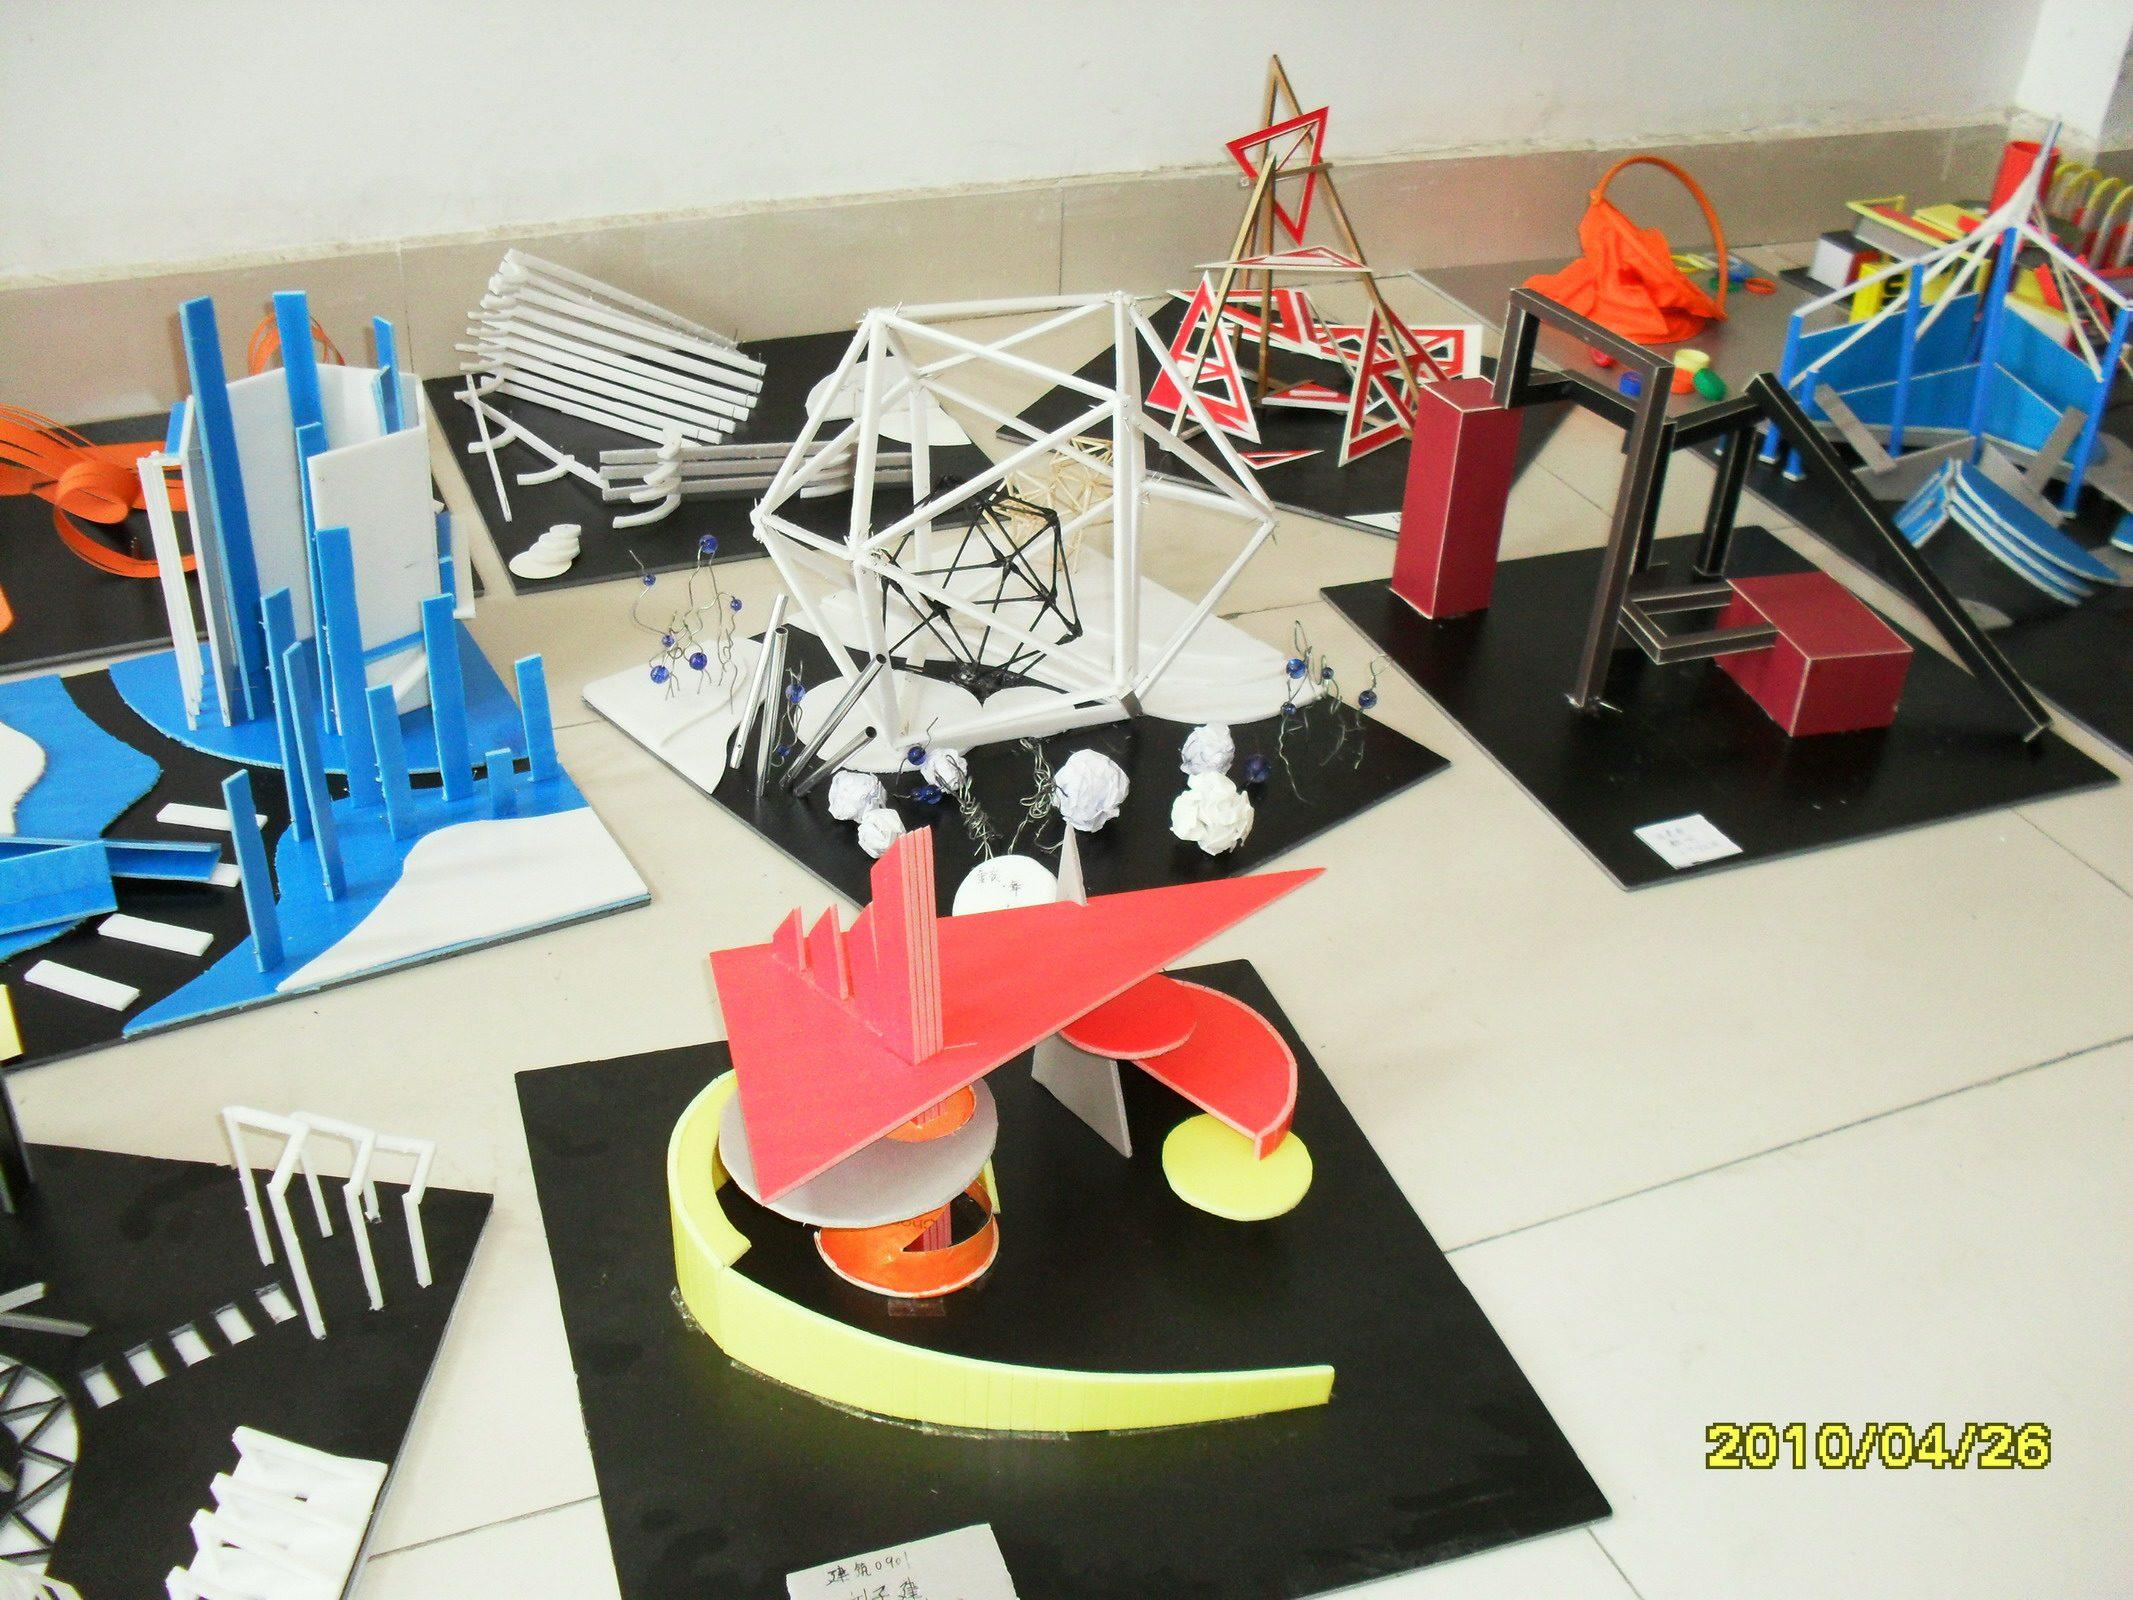 建筑学大一的空间构成作业一般用什么材料做?_百度 ...